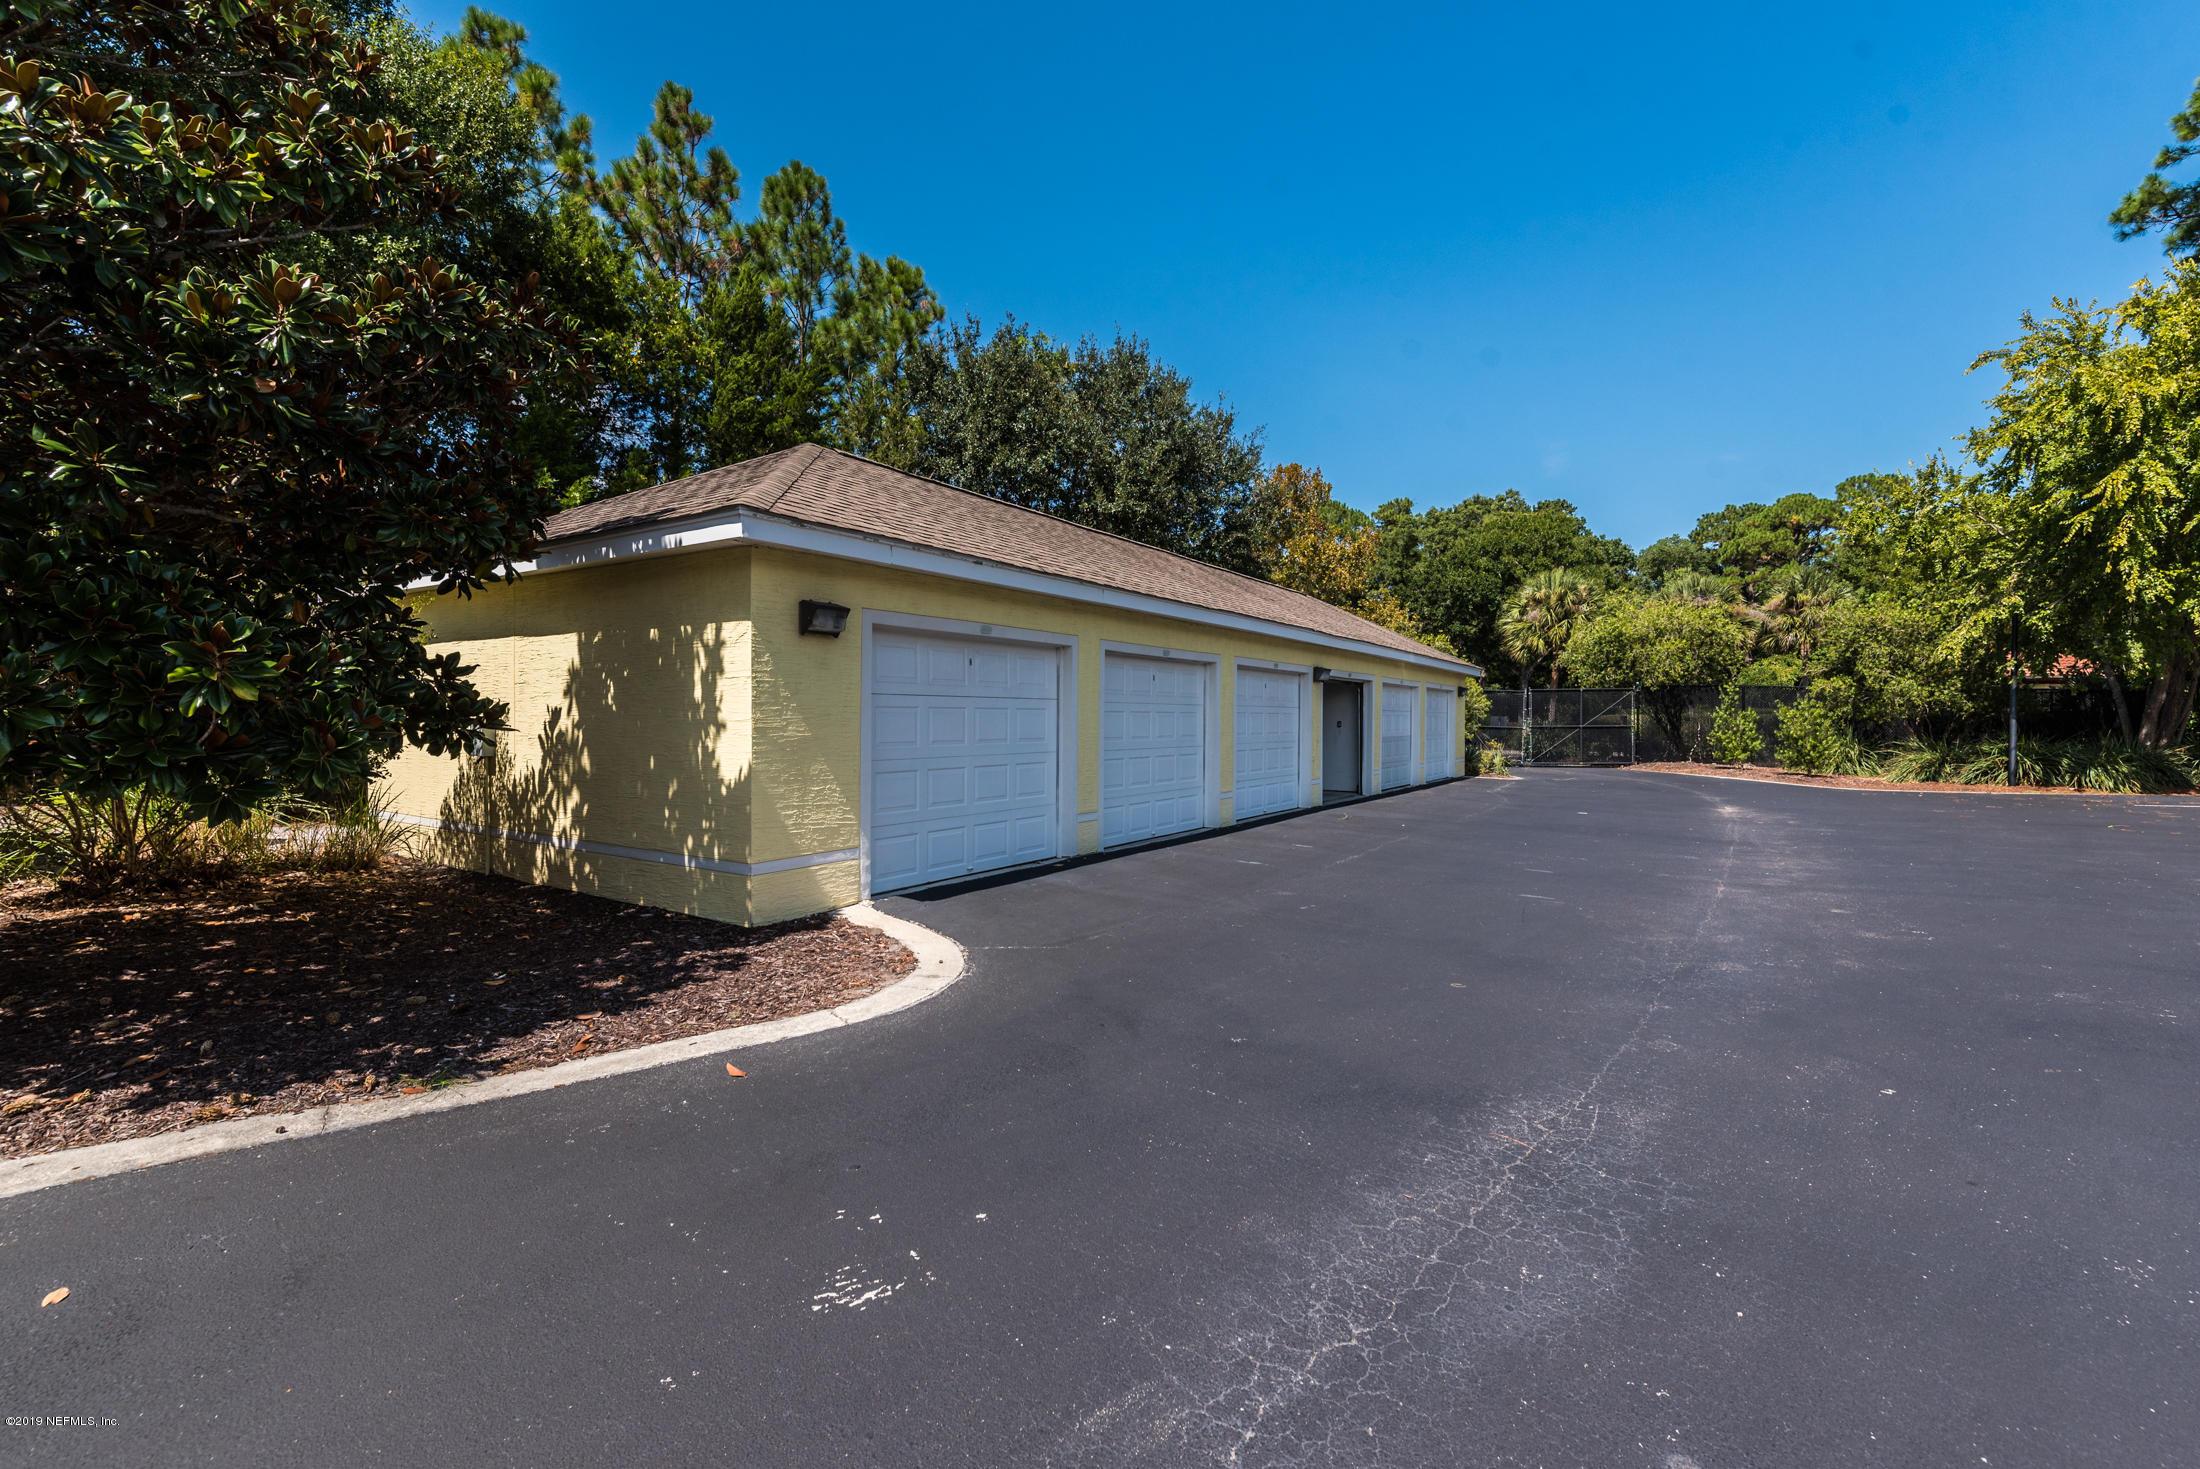 4815 SERENA, ST AUGUSTINE, FLORIDA 32084, 3 Bedrooms Bedrooms, ,2 BathroomsBathrooms,Condo,For sale,SERENA,1018832